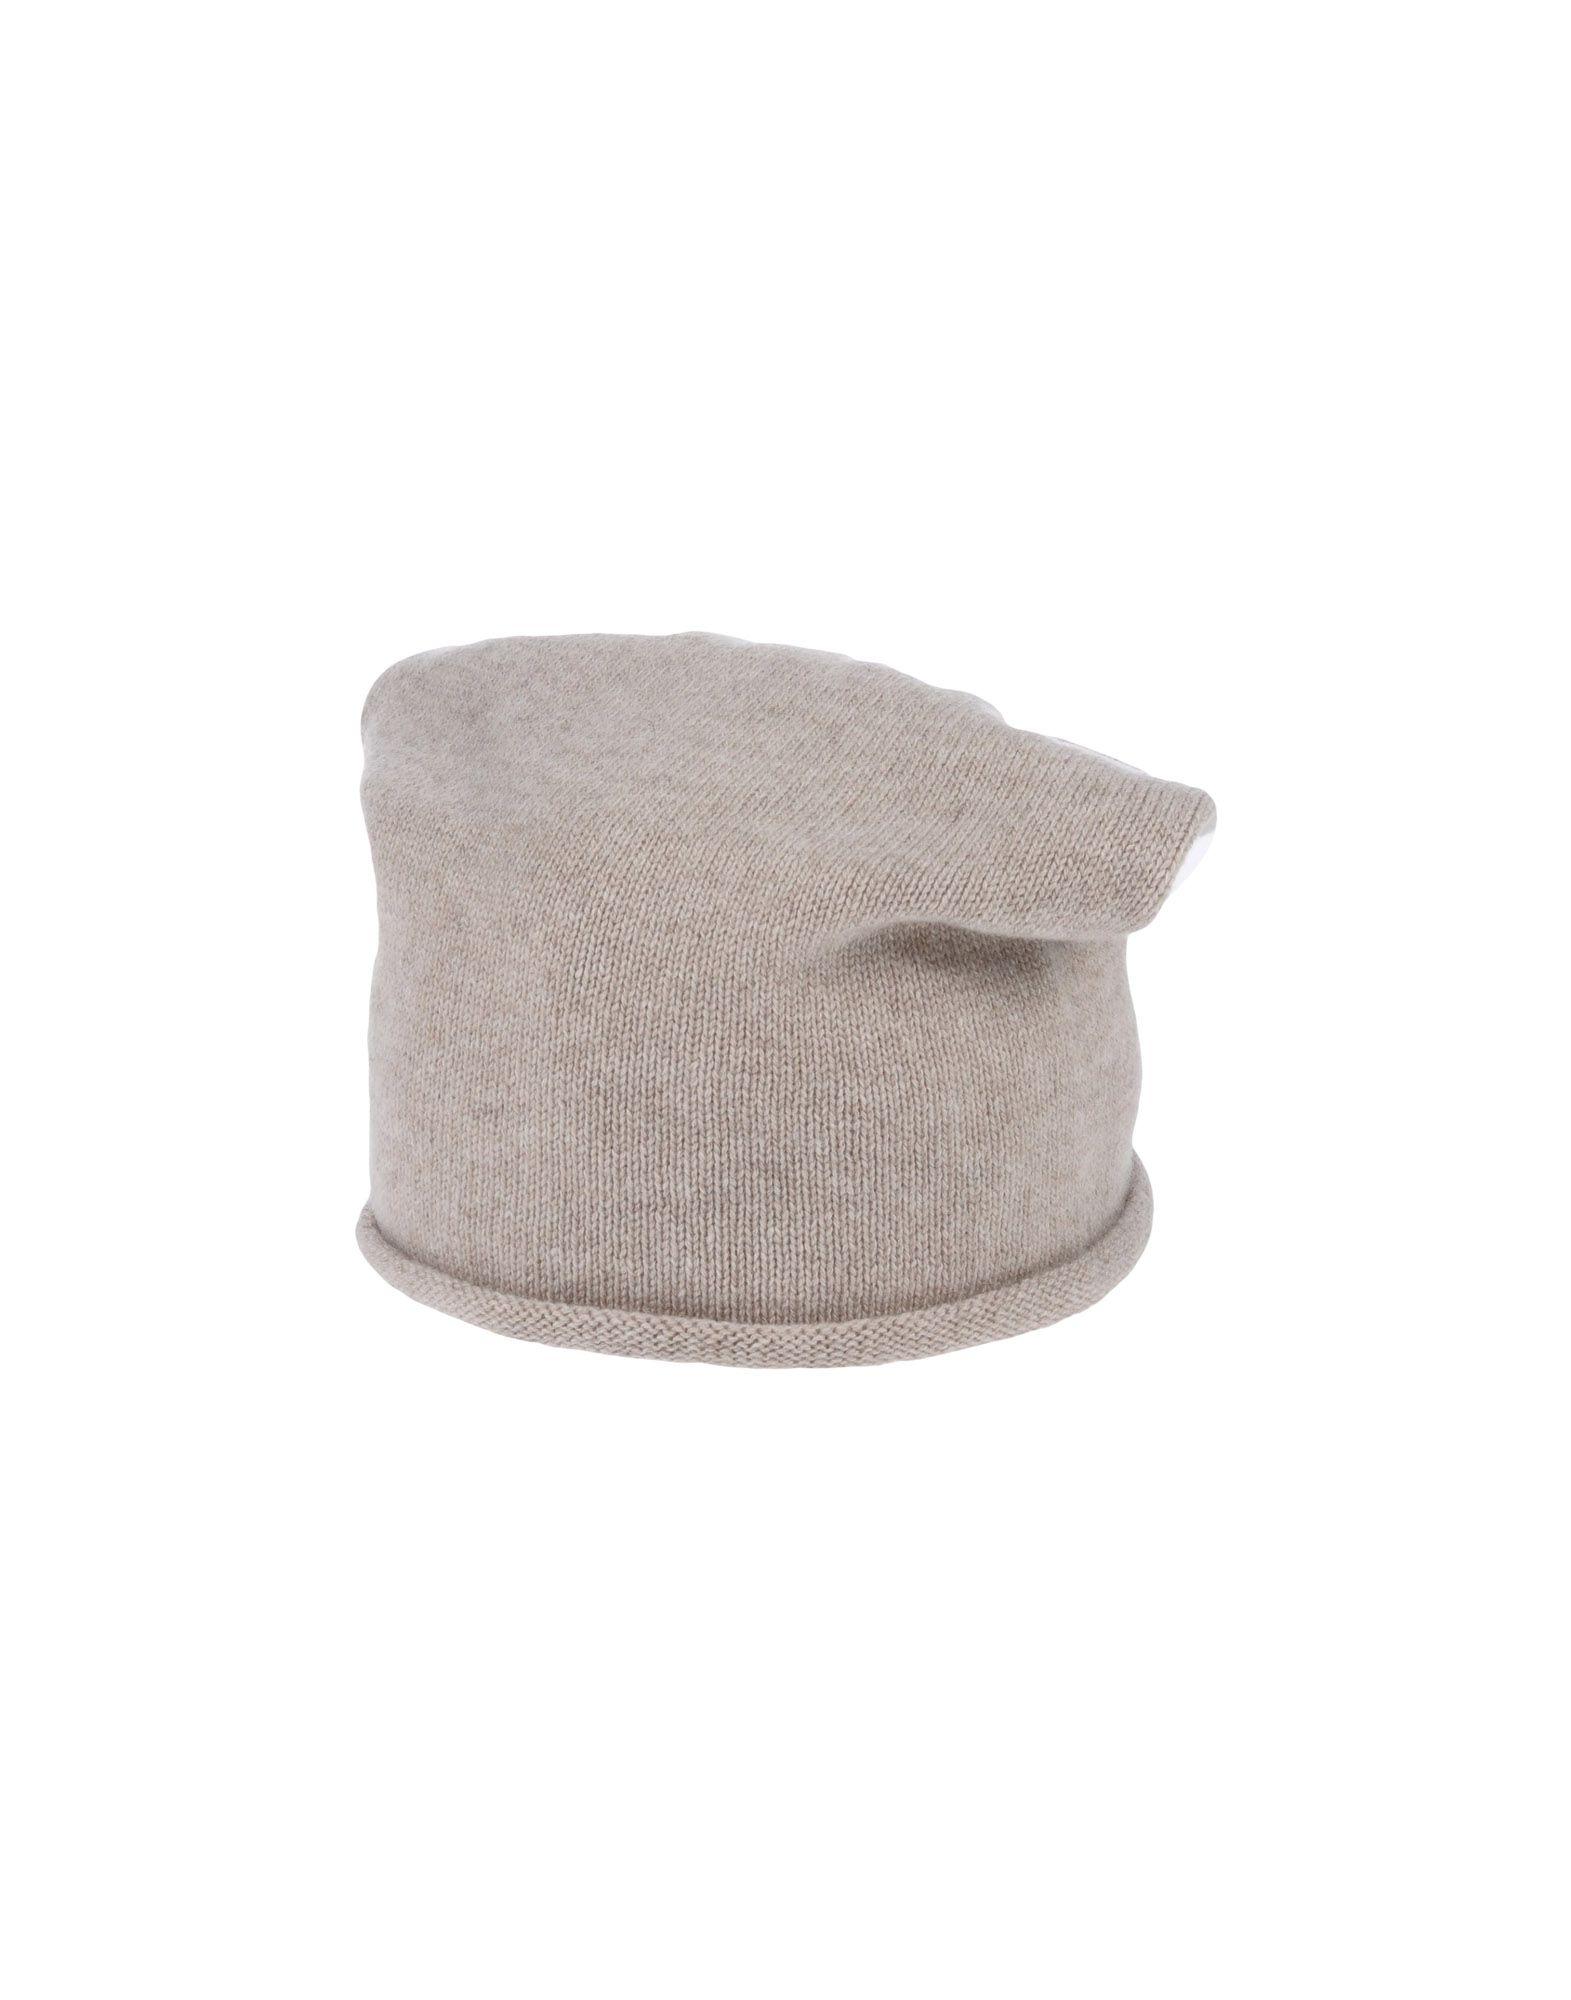 《送料無料》MOSAIQUE レディース 帽子 ベージュ one size カシミヤ 100%